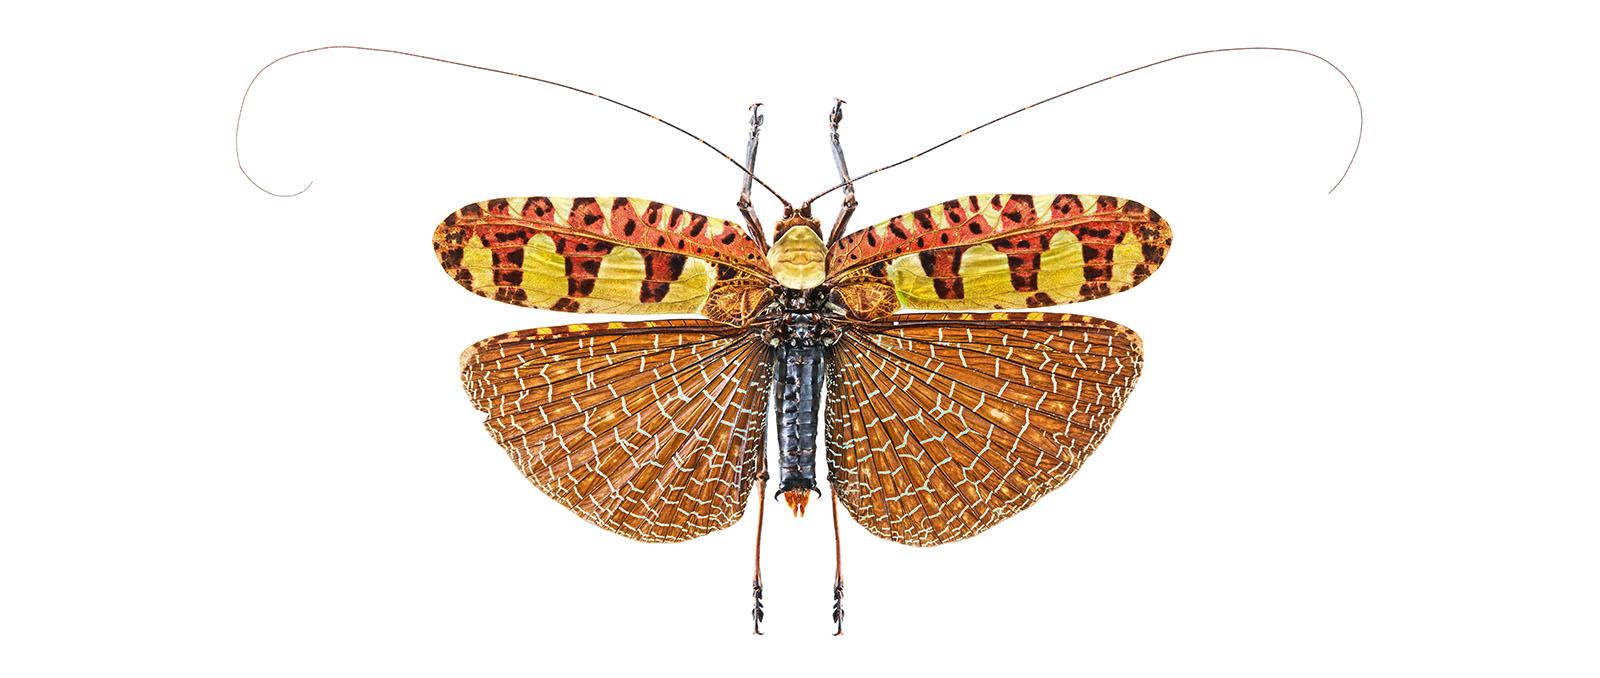 Locusta spec. Orthoptera